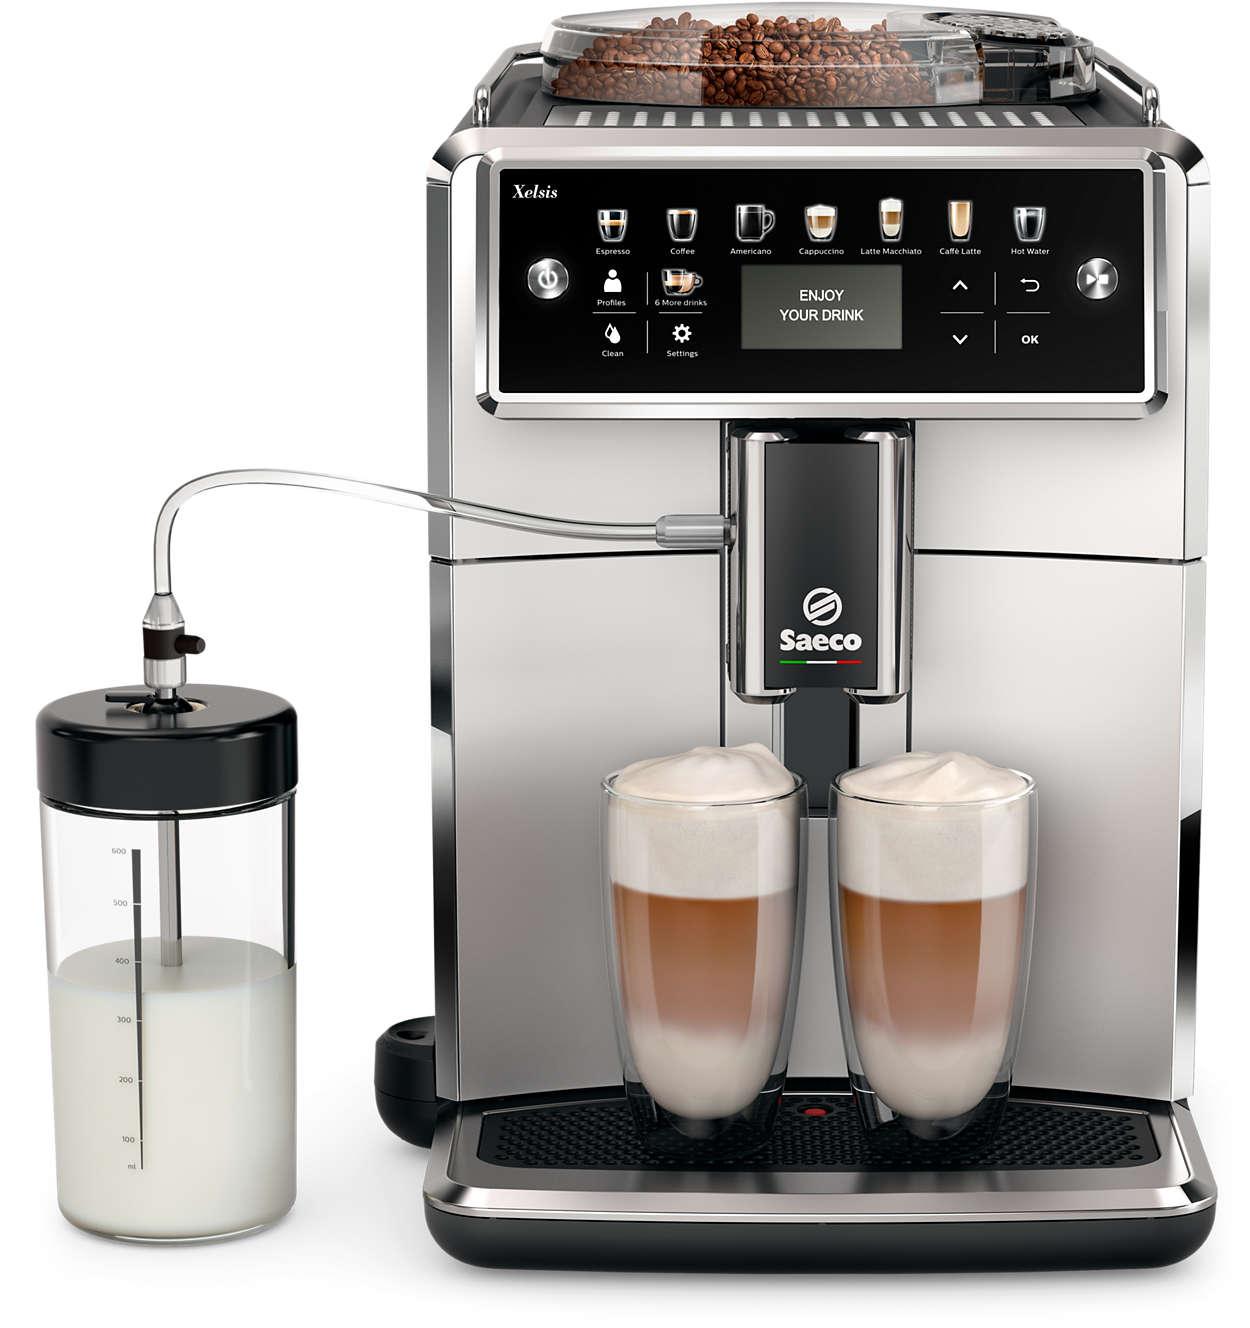 探索前所未見的 Saeco 咖啡機世界。